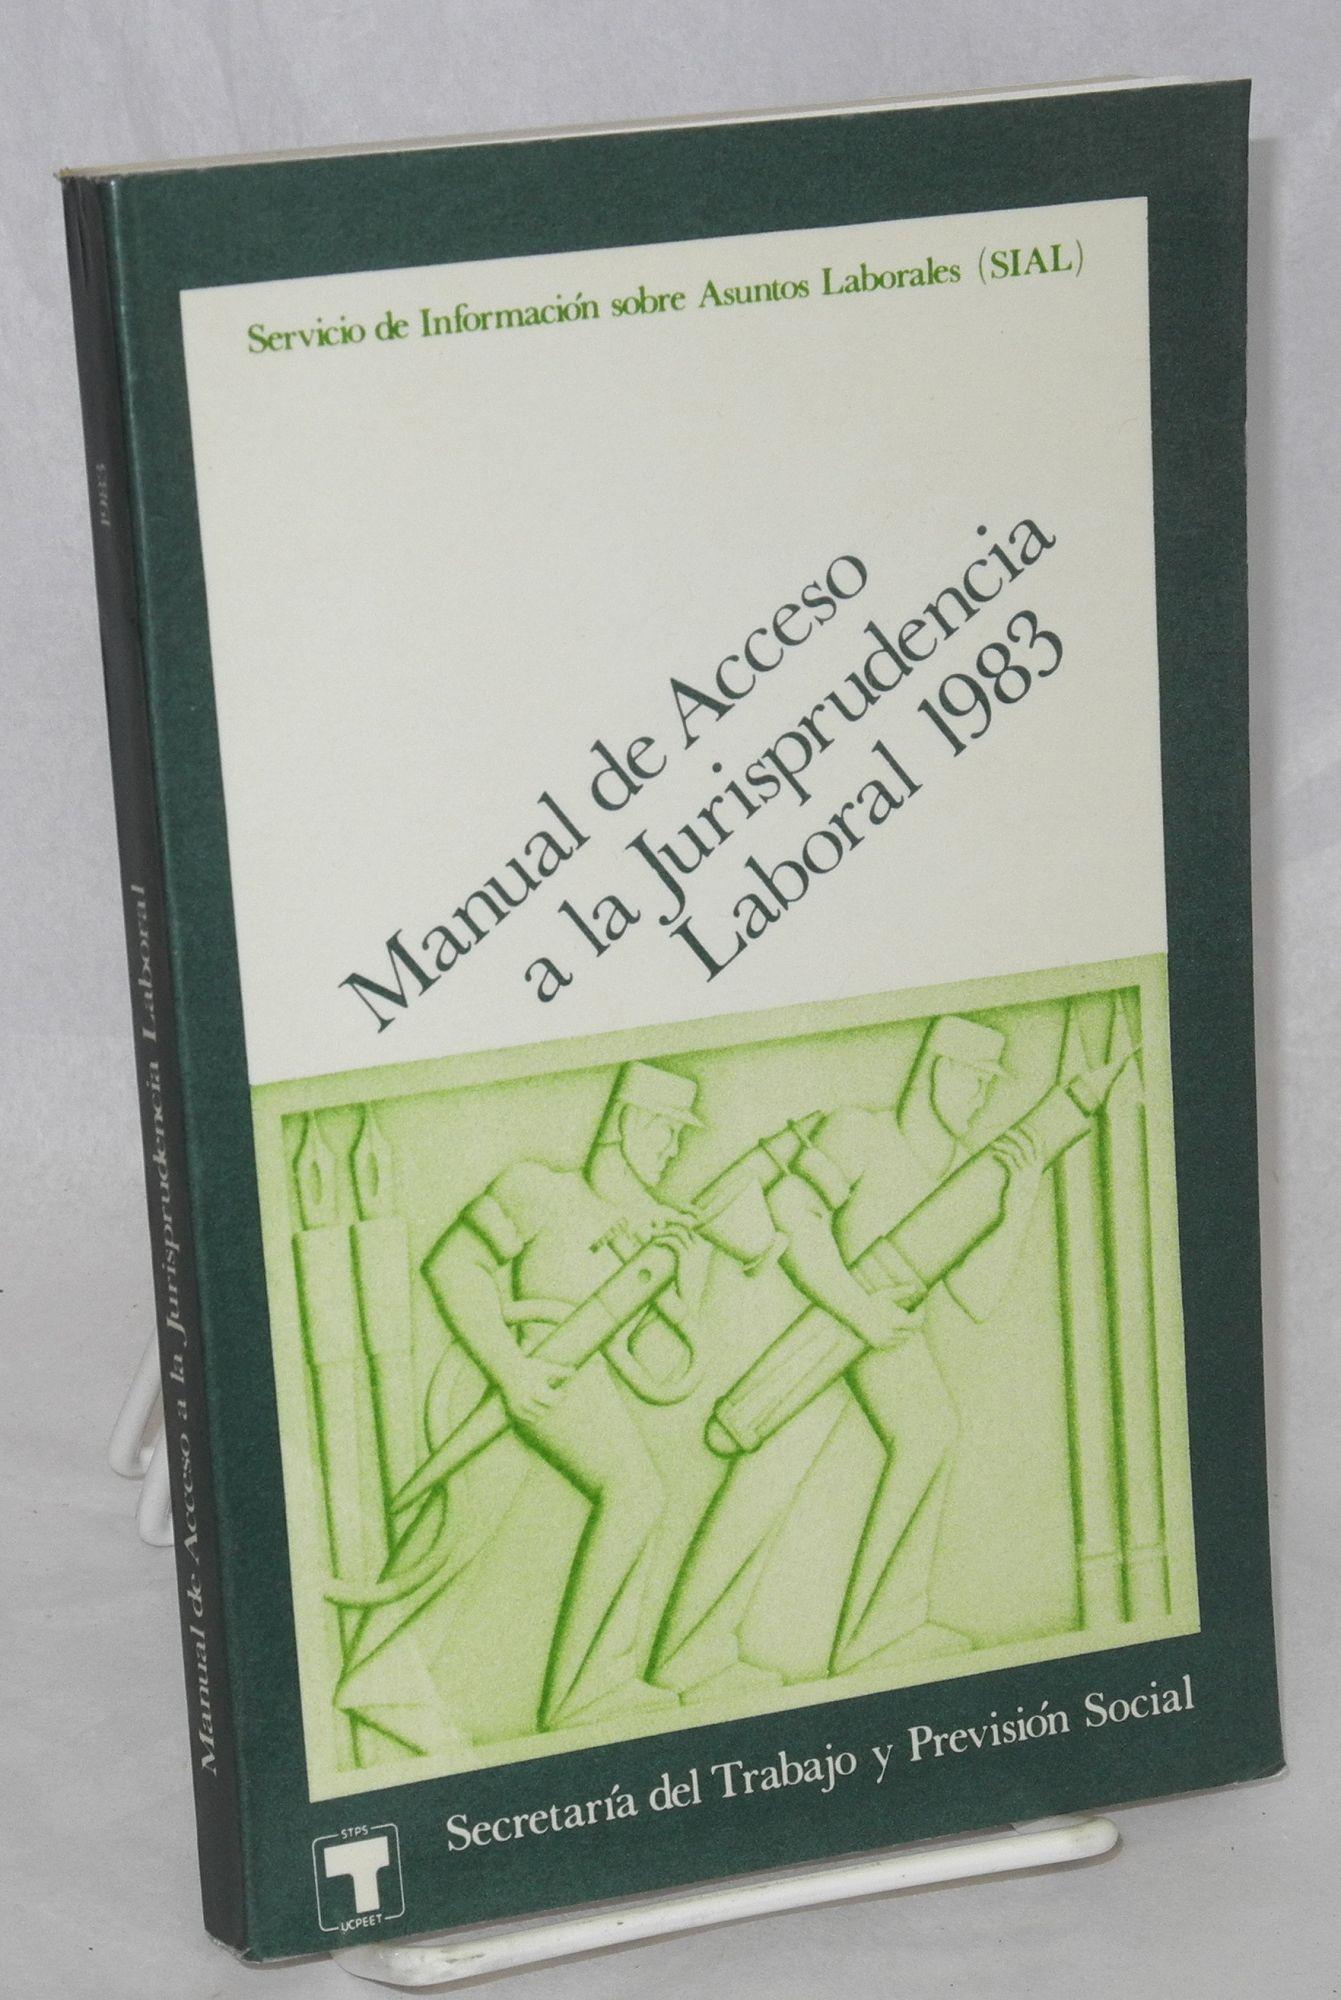 Manual de Acceso a la Jurisprudencia Laboral 1983. [Segunda edicion] - Servicio de Informacion Sobre Asuntos Laborales (SIAL) [corporate author]